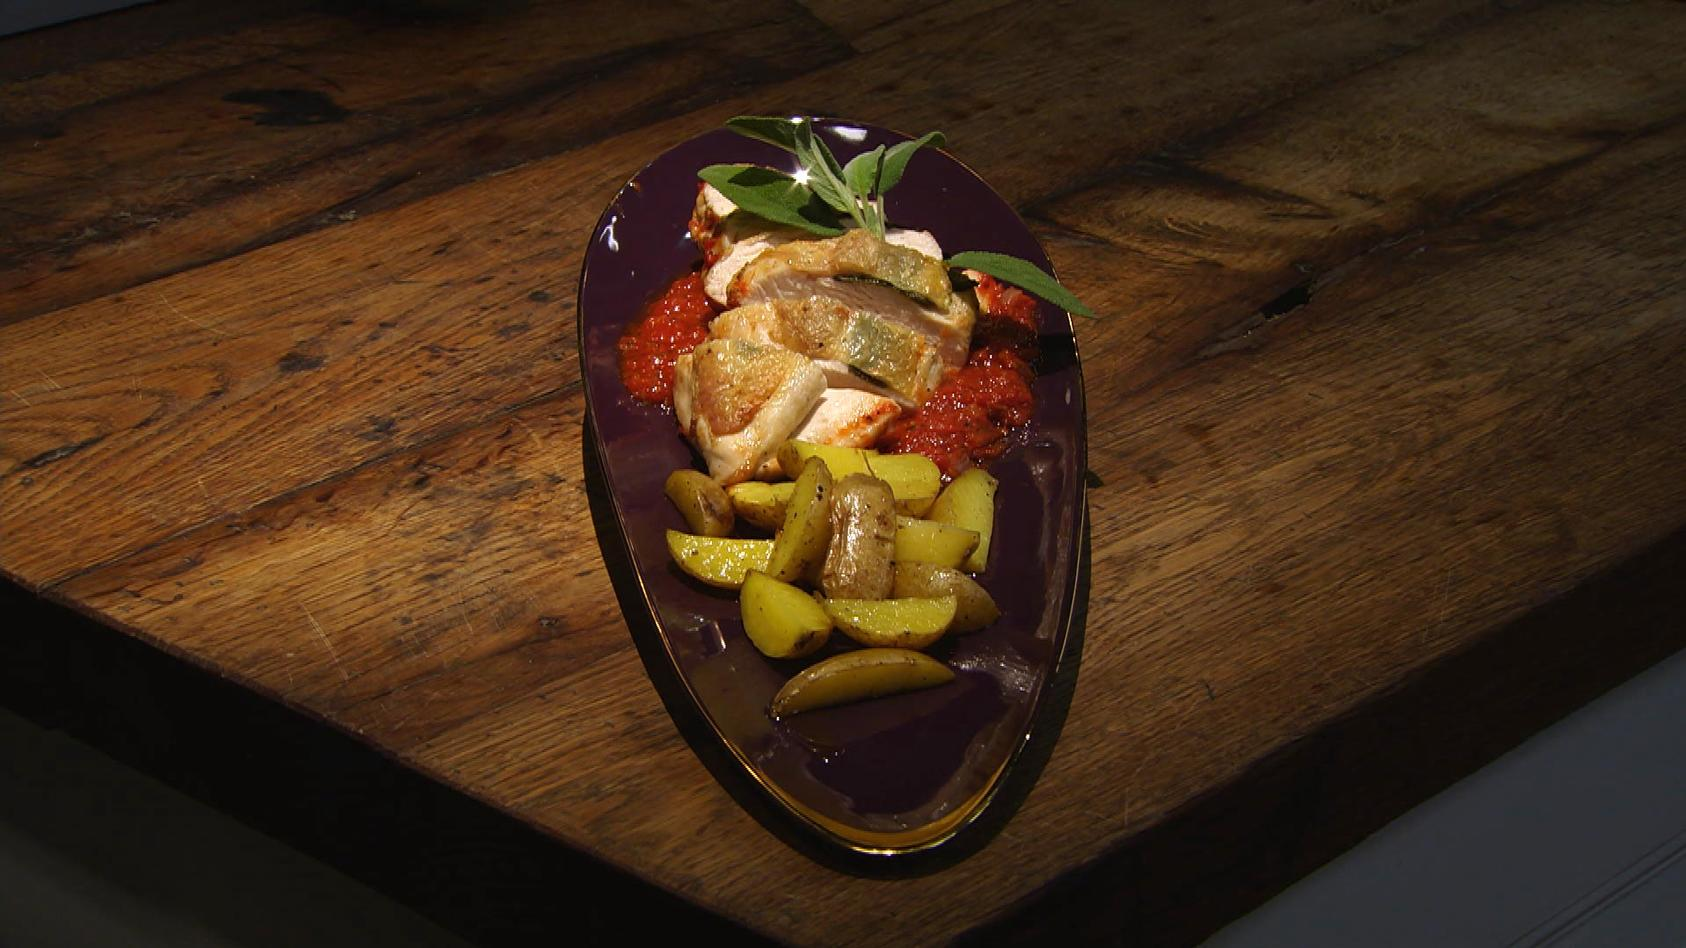 Romantisches Dinner – Liebe geht durch den Magen: Salbei-Huhn mit Kartoffel-Drillingen auf Tomatenbett